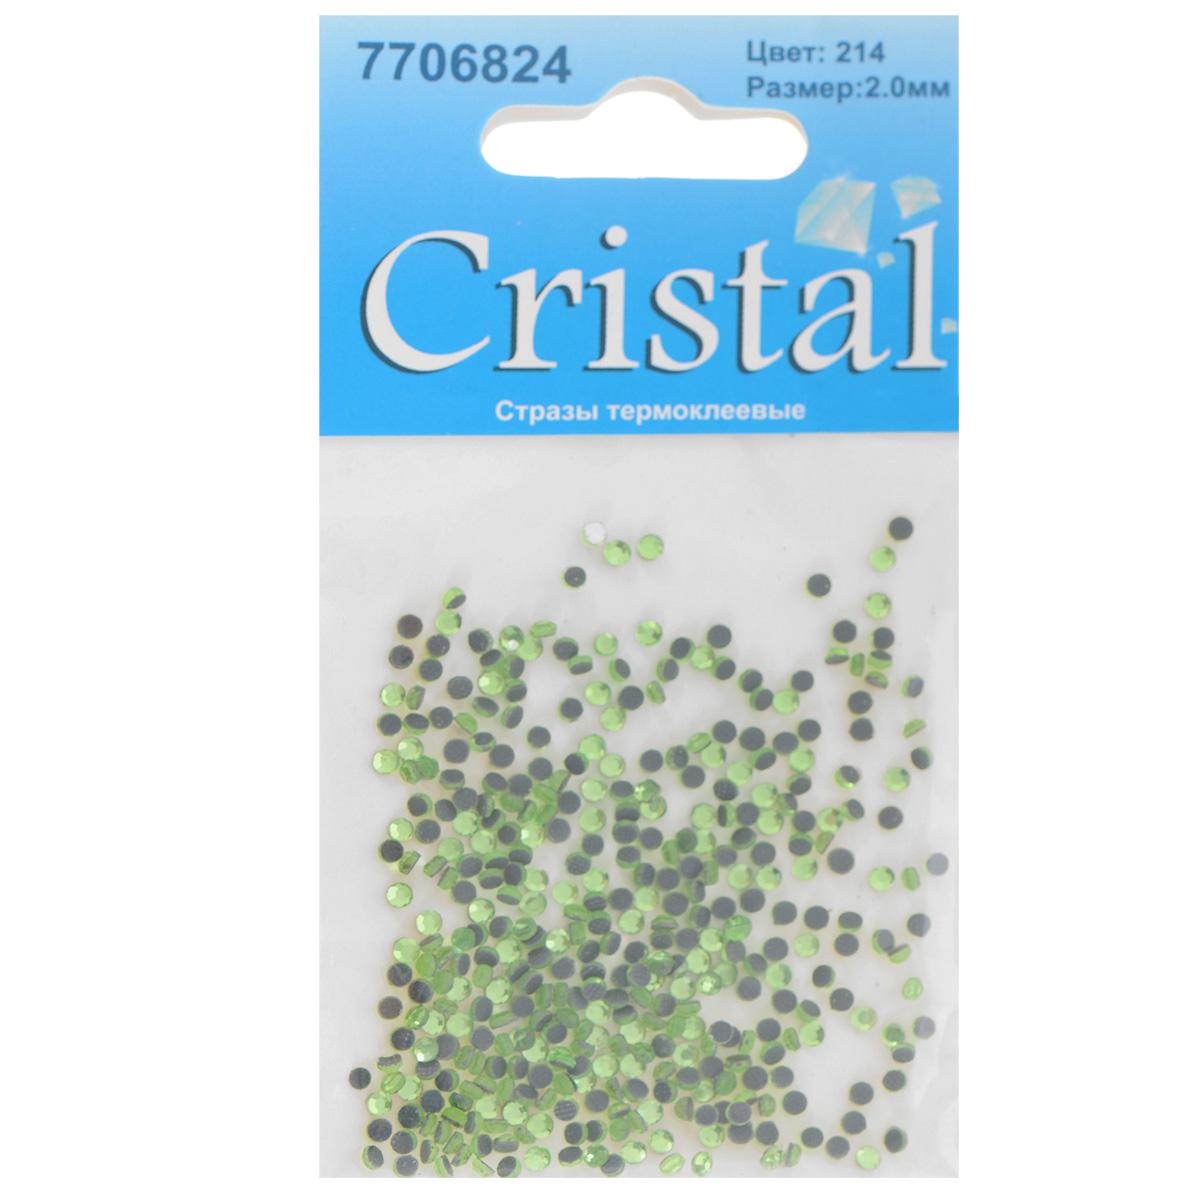 Стразы термоклеевые Cristal, цвет: светло-зеленый (214), диаметр 2 мм, 432 штBRT.GBНабор термоклеевых страз Cristal, изготовленный из высококачественного акрила, позволит вам украсить одежду, аксессуары или текстиль. Яркие стразы имеют плоское дно и круглую поверхность с гранями.Дно термоклеевых страз уже обработано особым клеем, который под воздействием высоких температур начинает плавиться, приклеиваясь, таким образом, к требуемой поверхности. Чаще всего их используют в текстильной промышленности: стразы прикладывают к ткани и проглаживают утюгом с обратной стороны. Также можно использовать специальный паяльник. Украшение стразами поможет сделать любую вещь оригинальной и неповторимой. Диаметр страз: 2 мм.